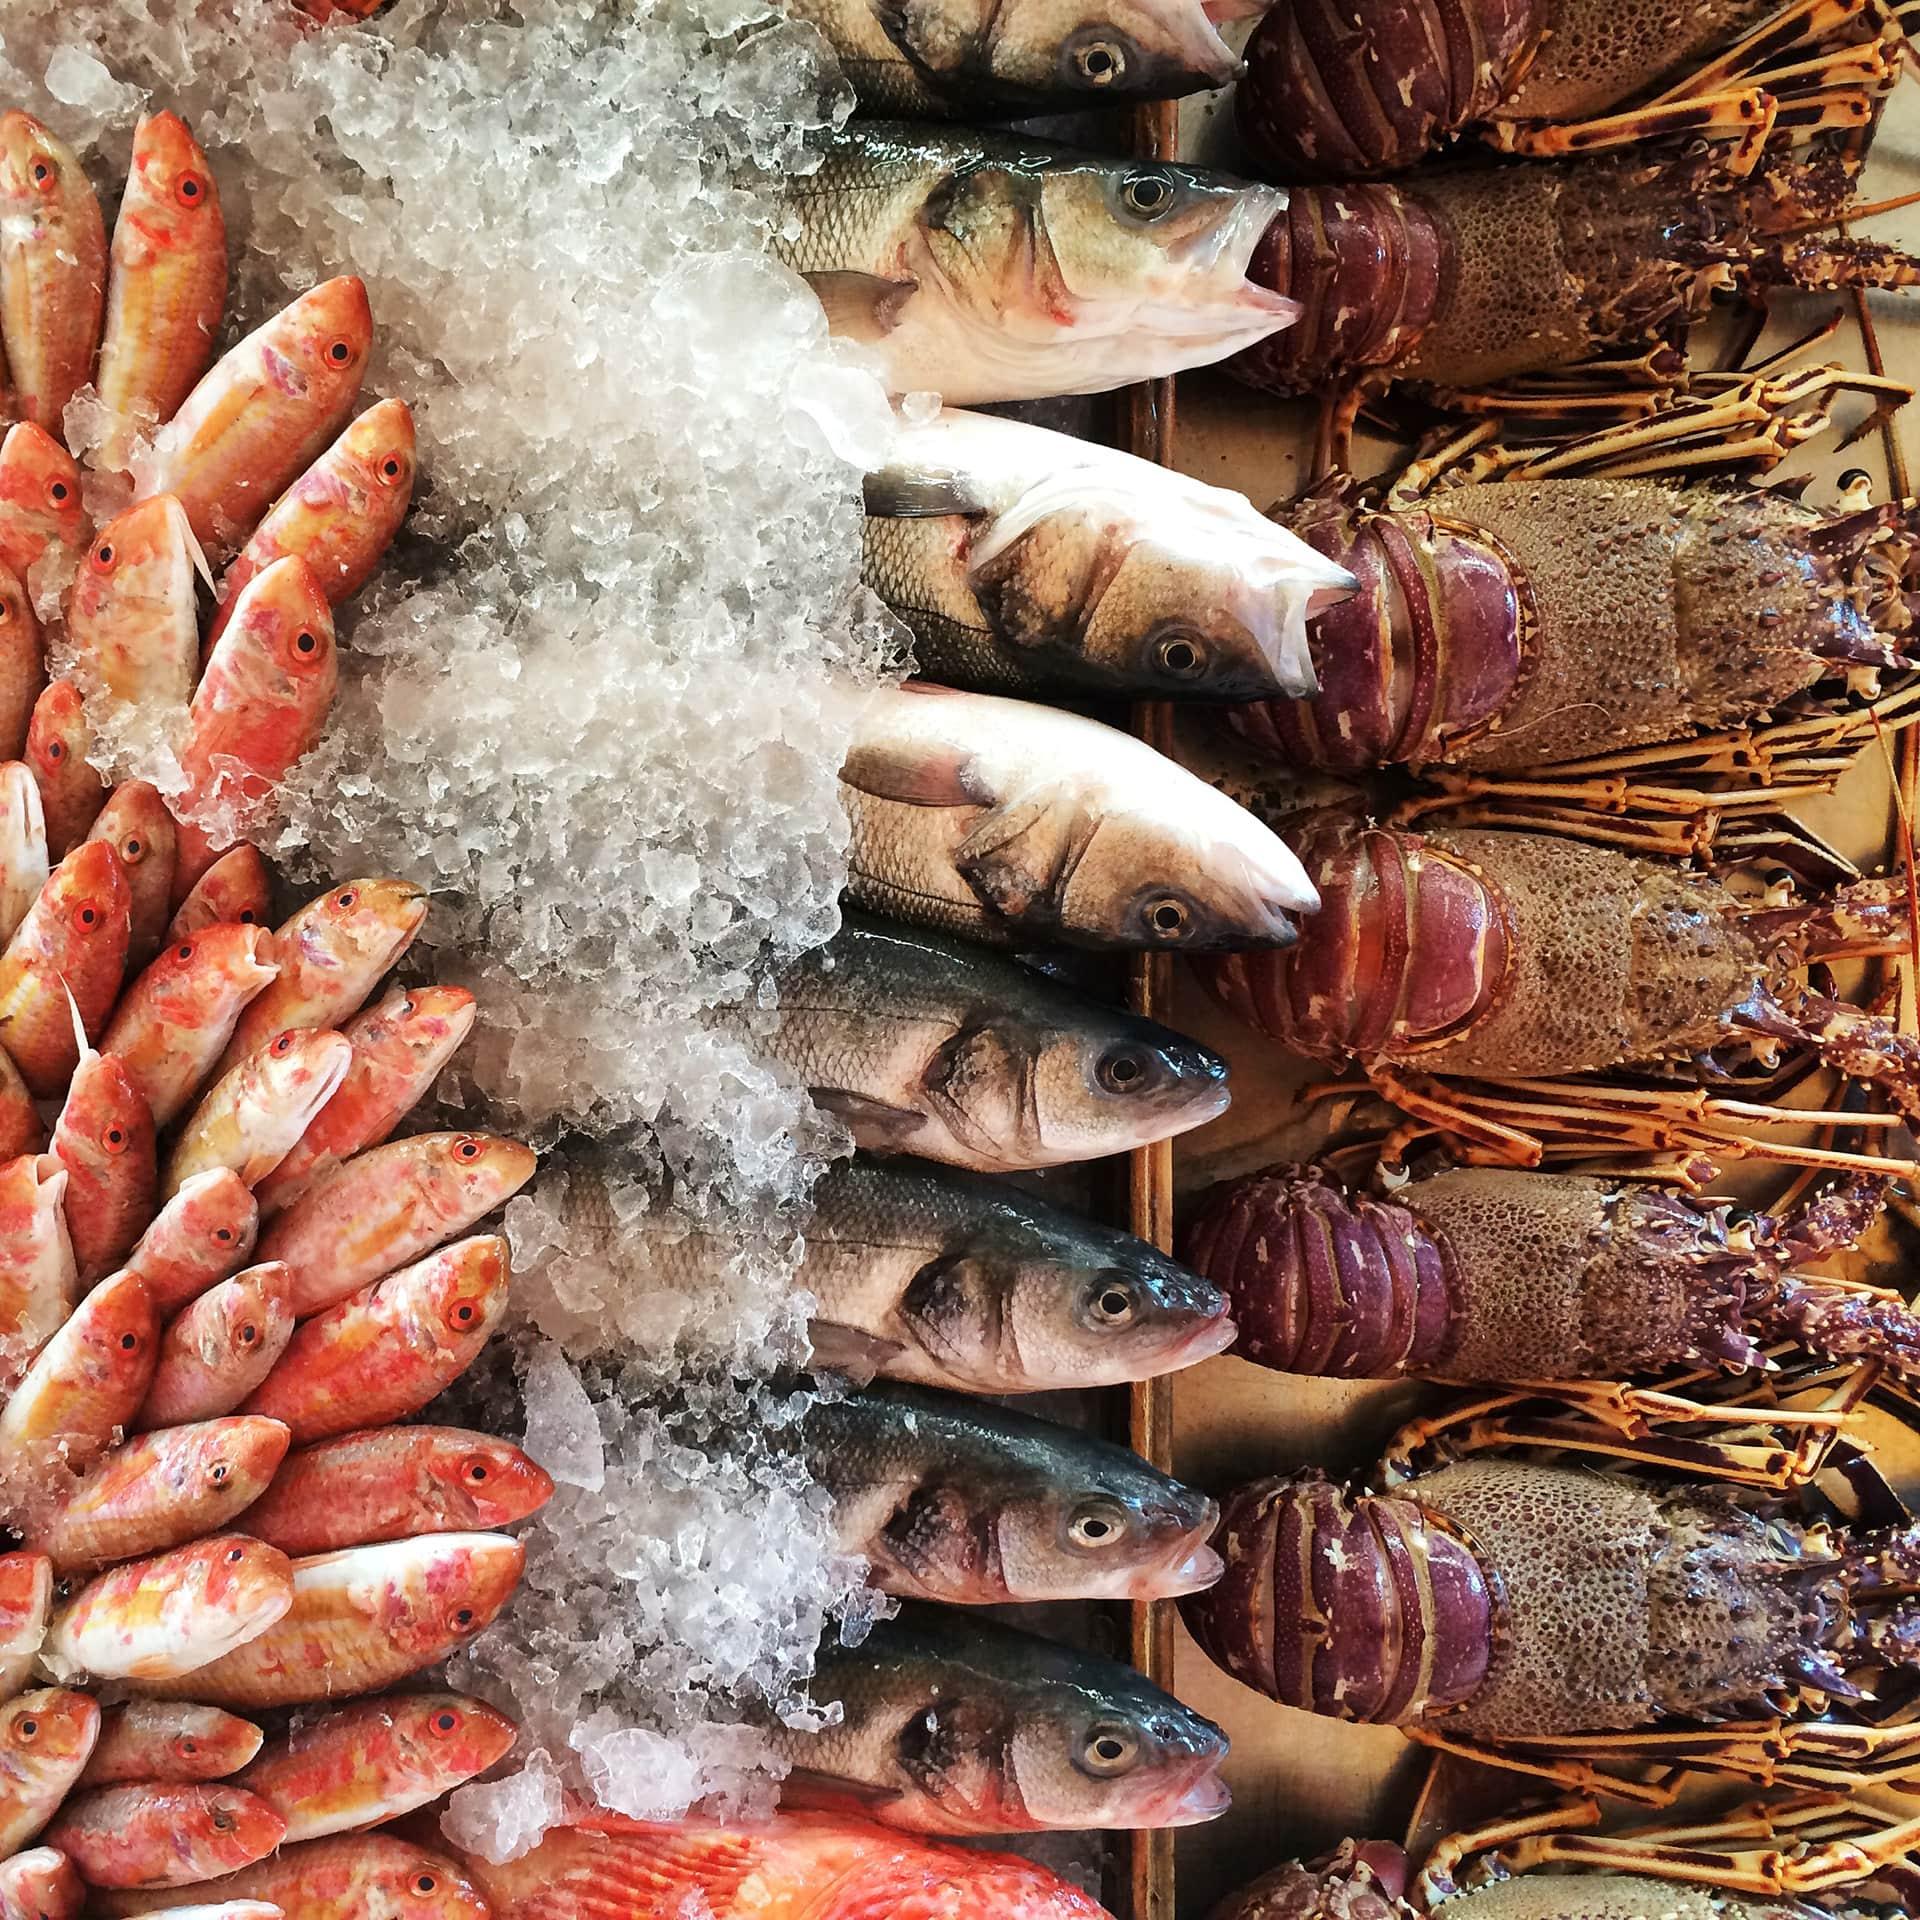 Danh sách doanh nghiệp Algeria nhập khẩu thủy sản - Ảnh 1.